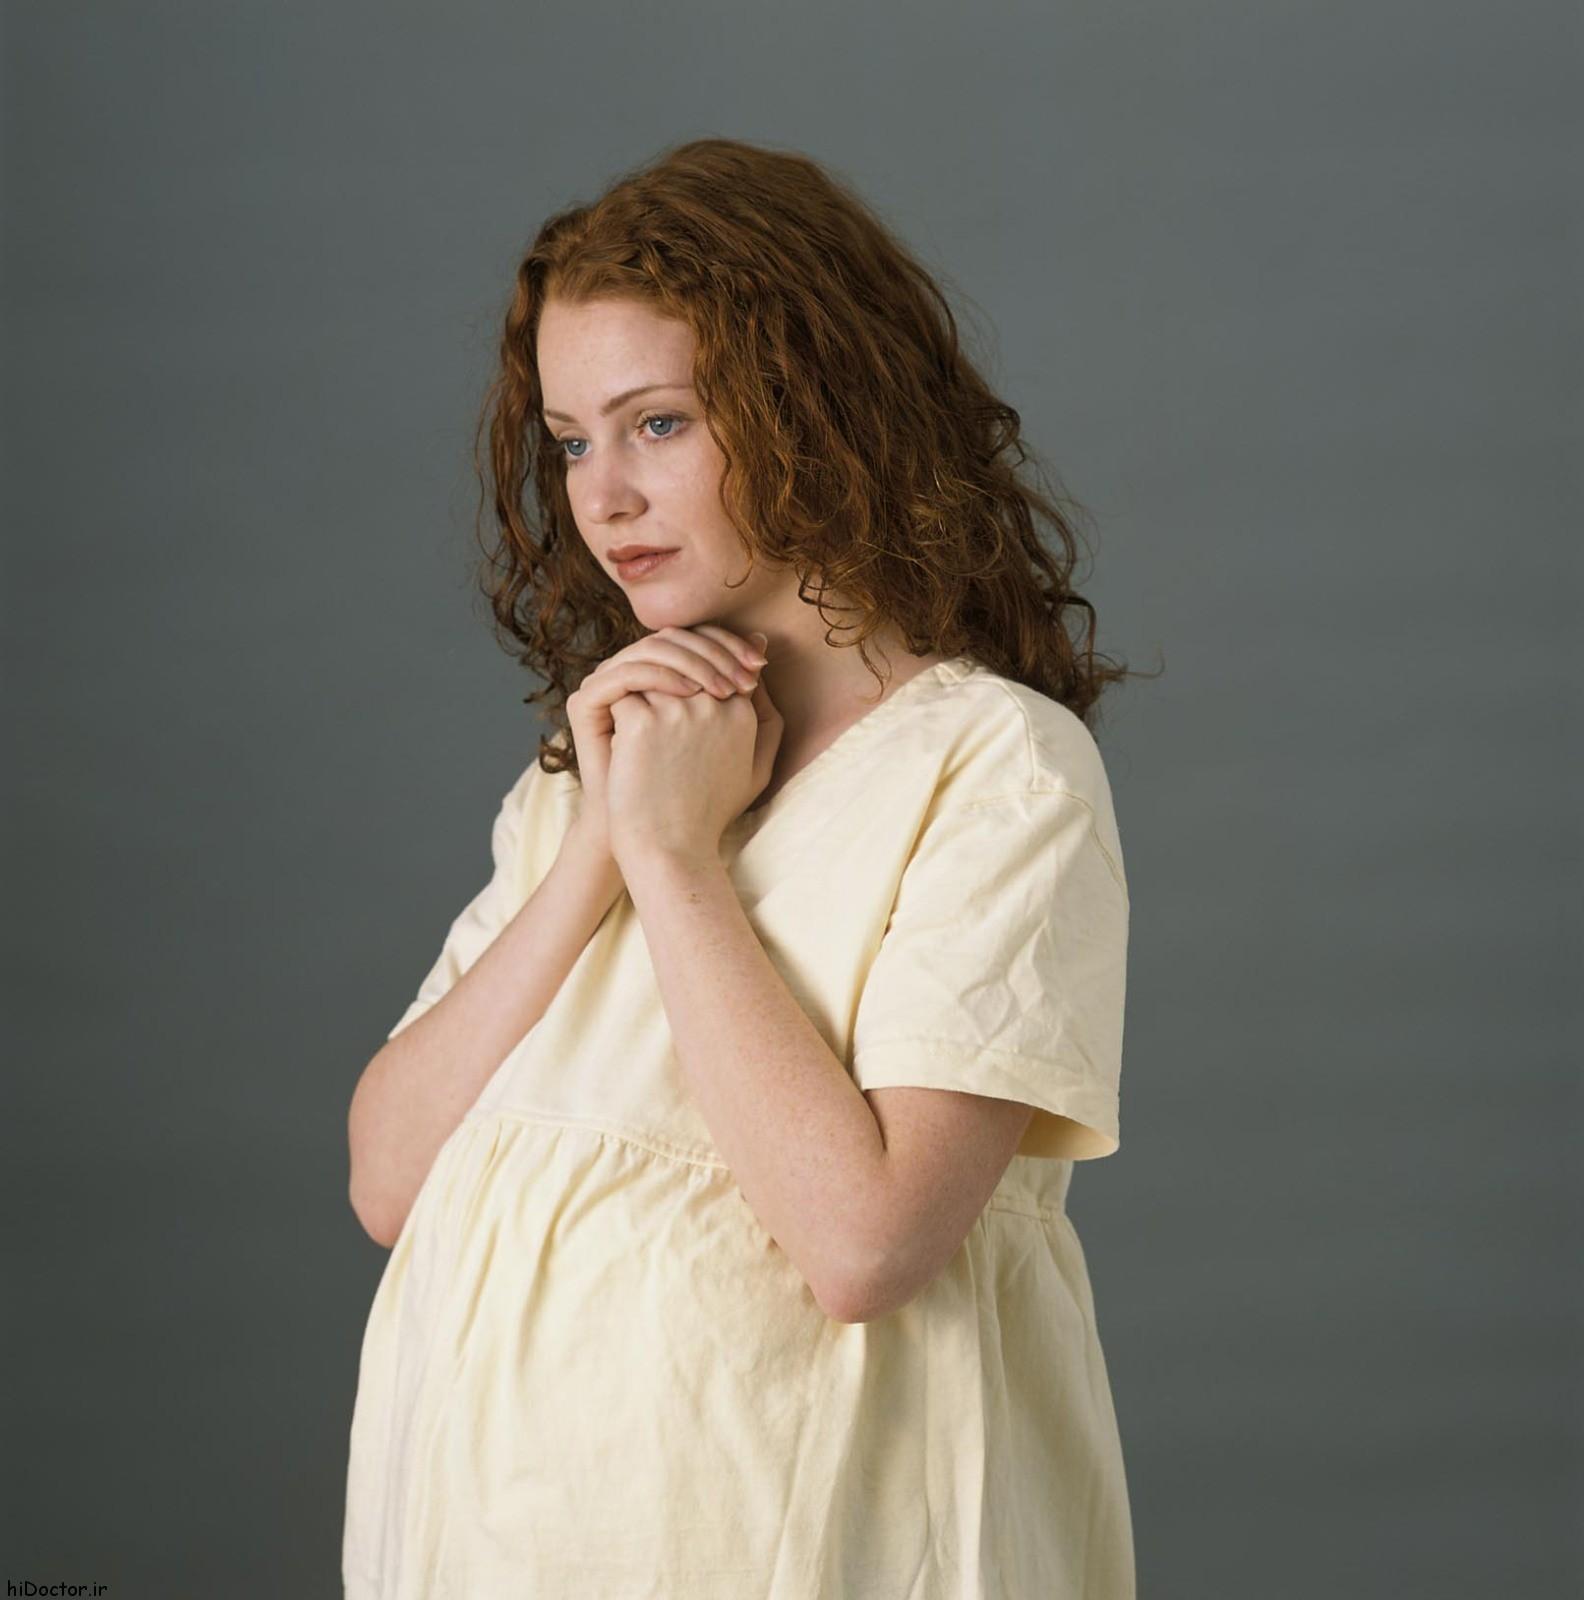 خطرات برخی از بیماریهای جنسی برای مادران